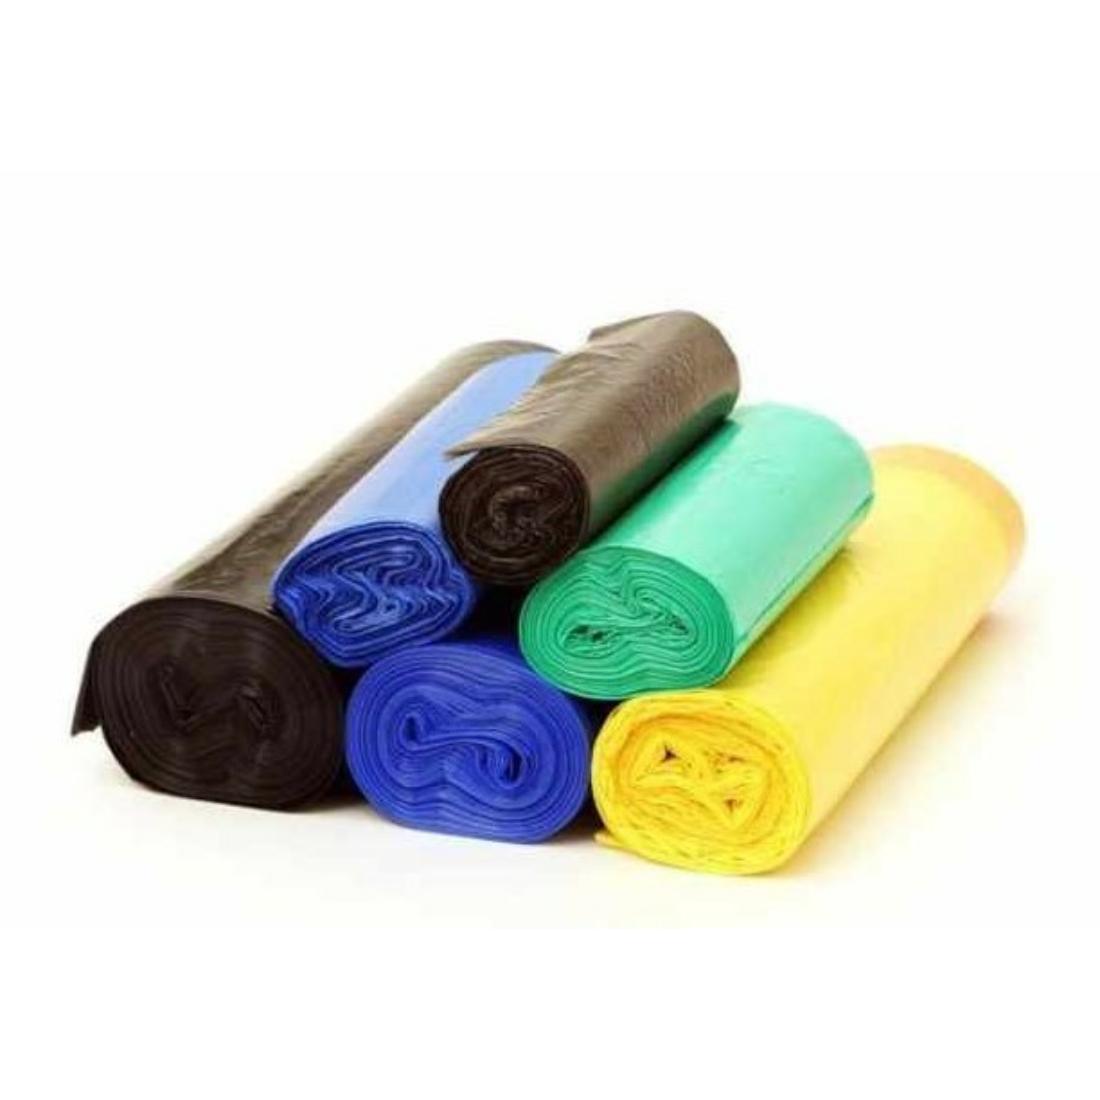 Újrahasznosított polietilén szemeteszsák 30L (20 db / csomag)